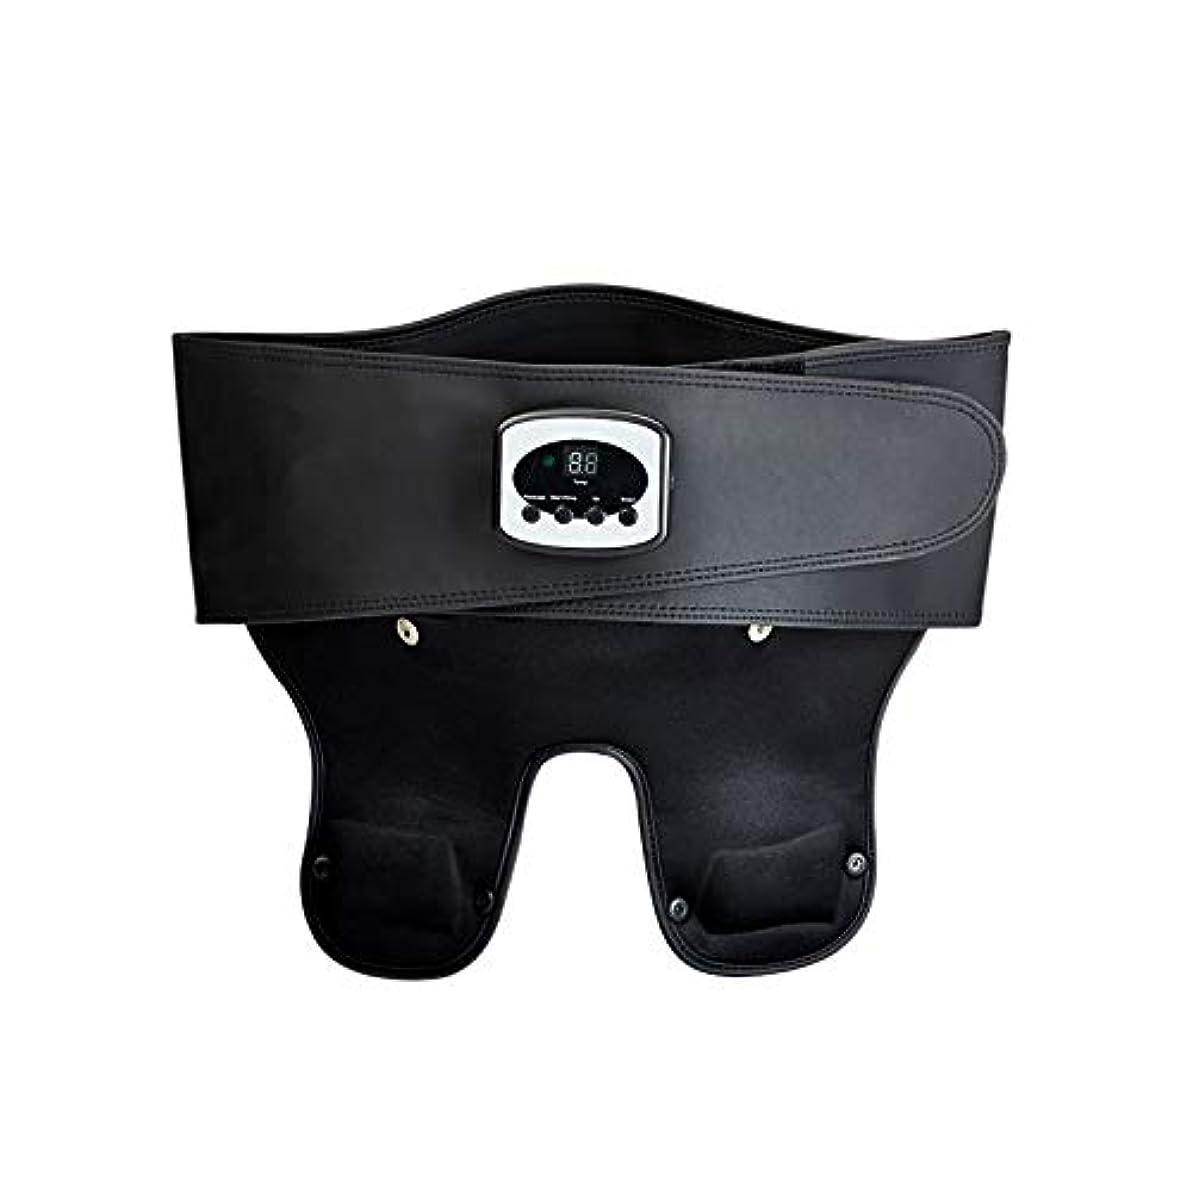 ちょっと待って調停するファイバHealthy Waist Massager - Heat Conductor, Infrared Lights, Vibration Massage, Adjustable Temperature